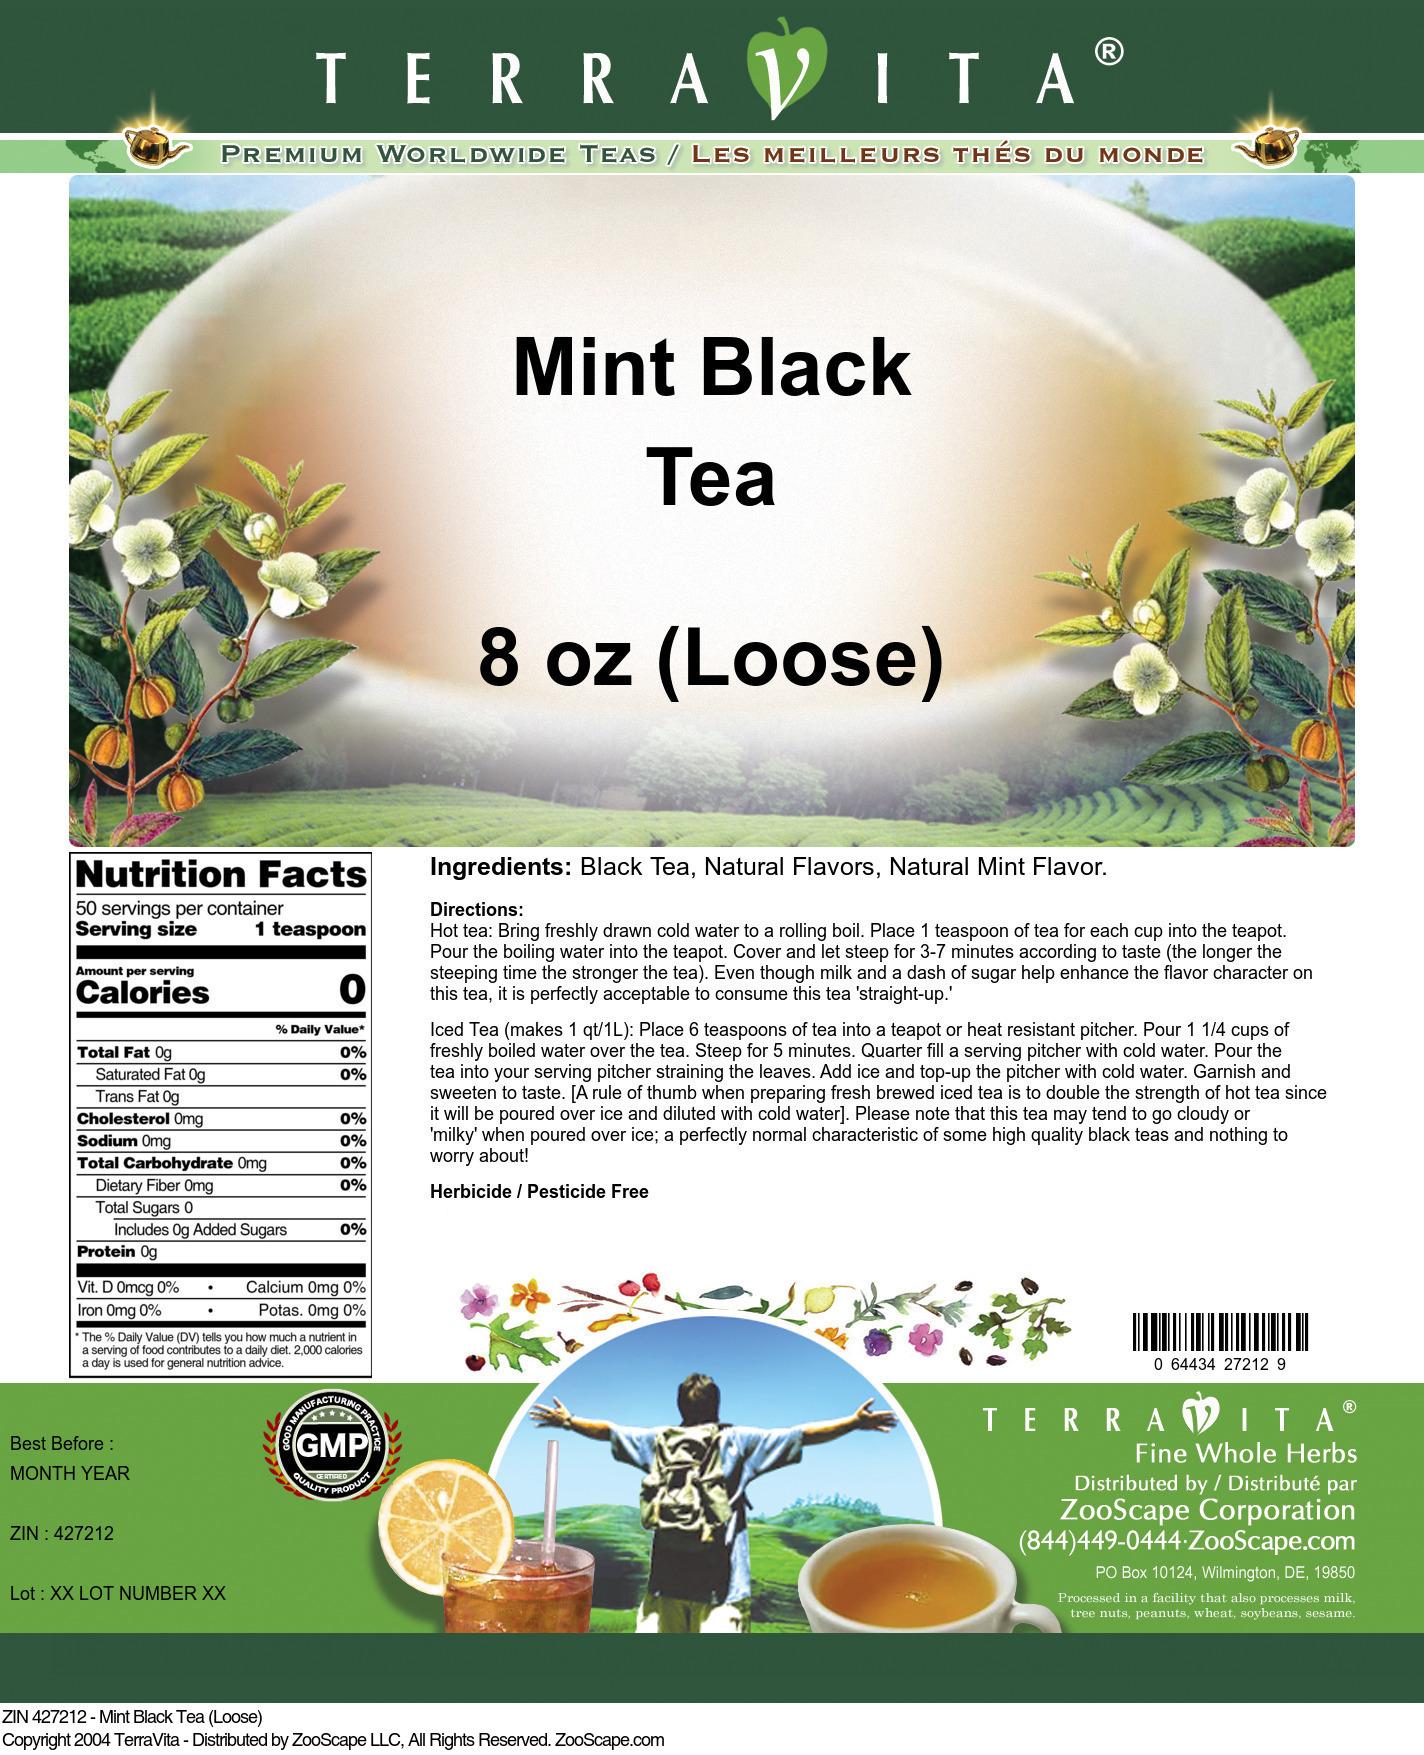 Mint Black Tea (Loose)